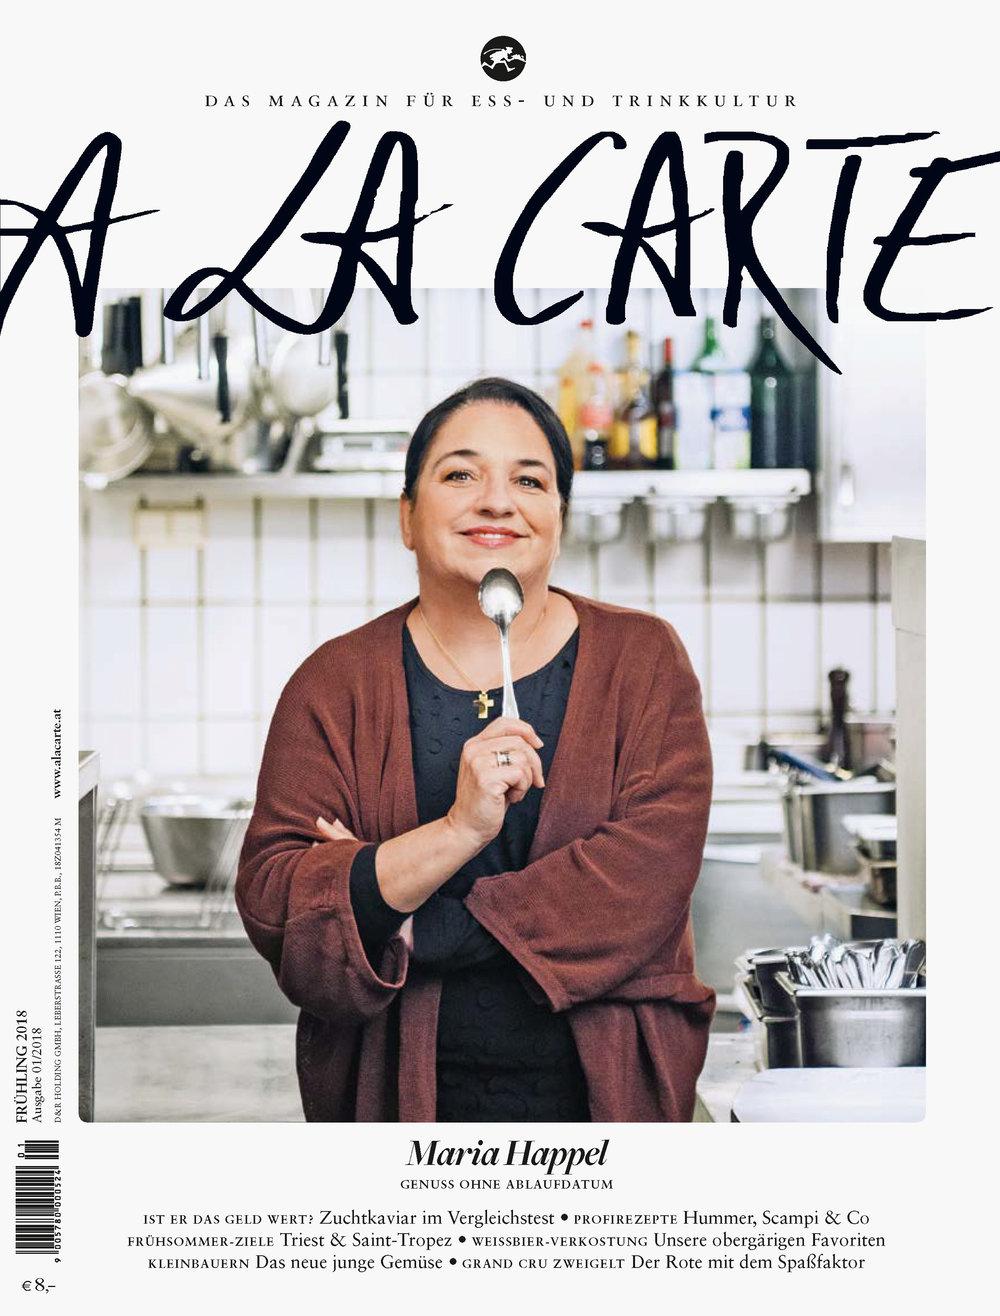 Coverstory mit Maria Happel / A LA CARTE